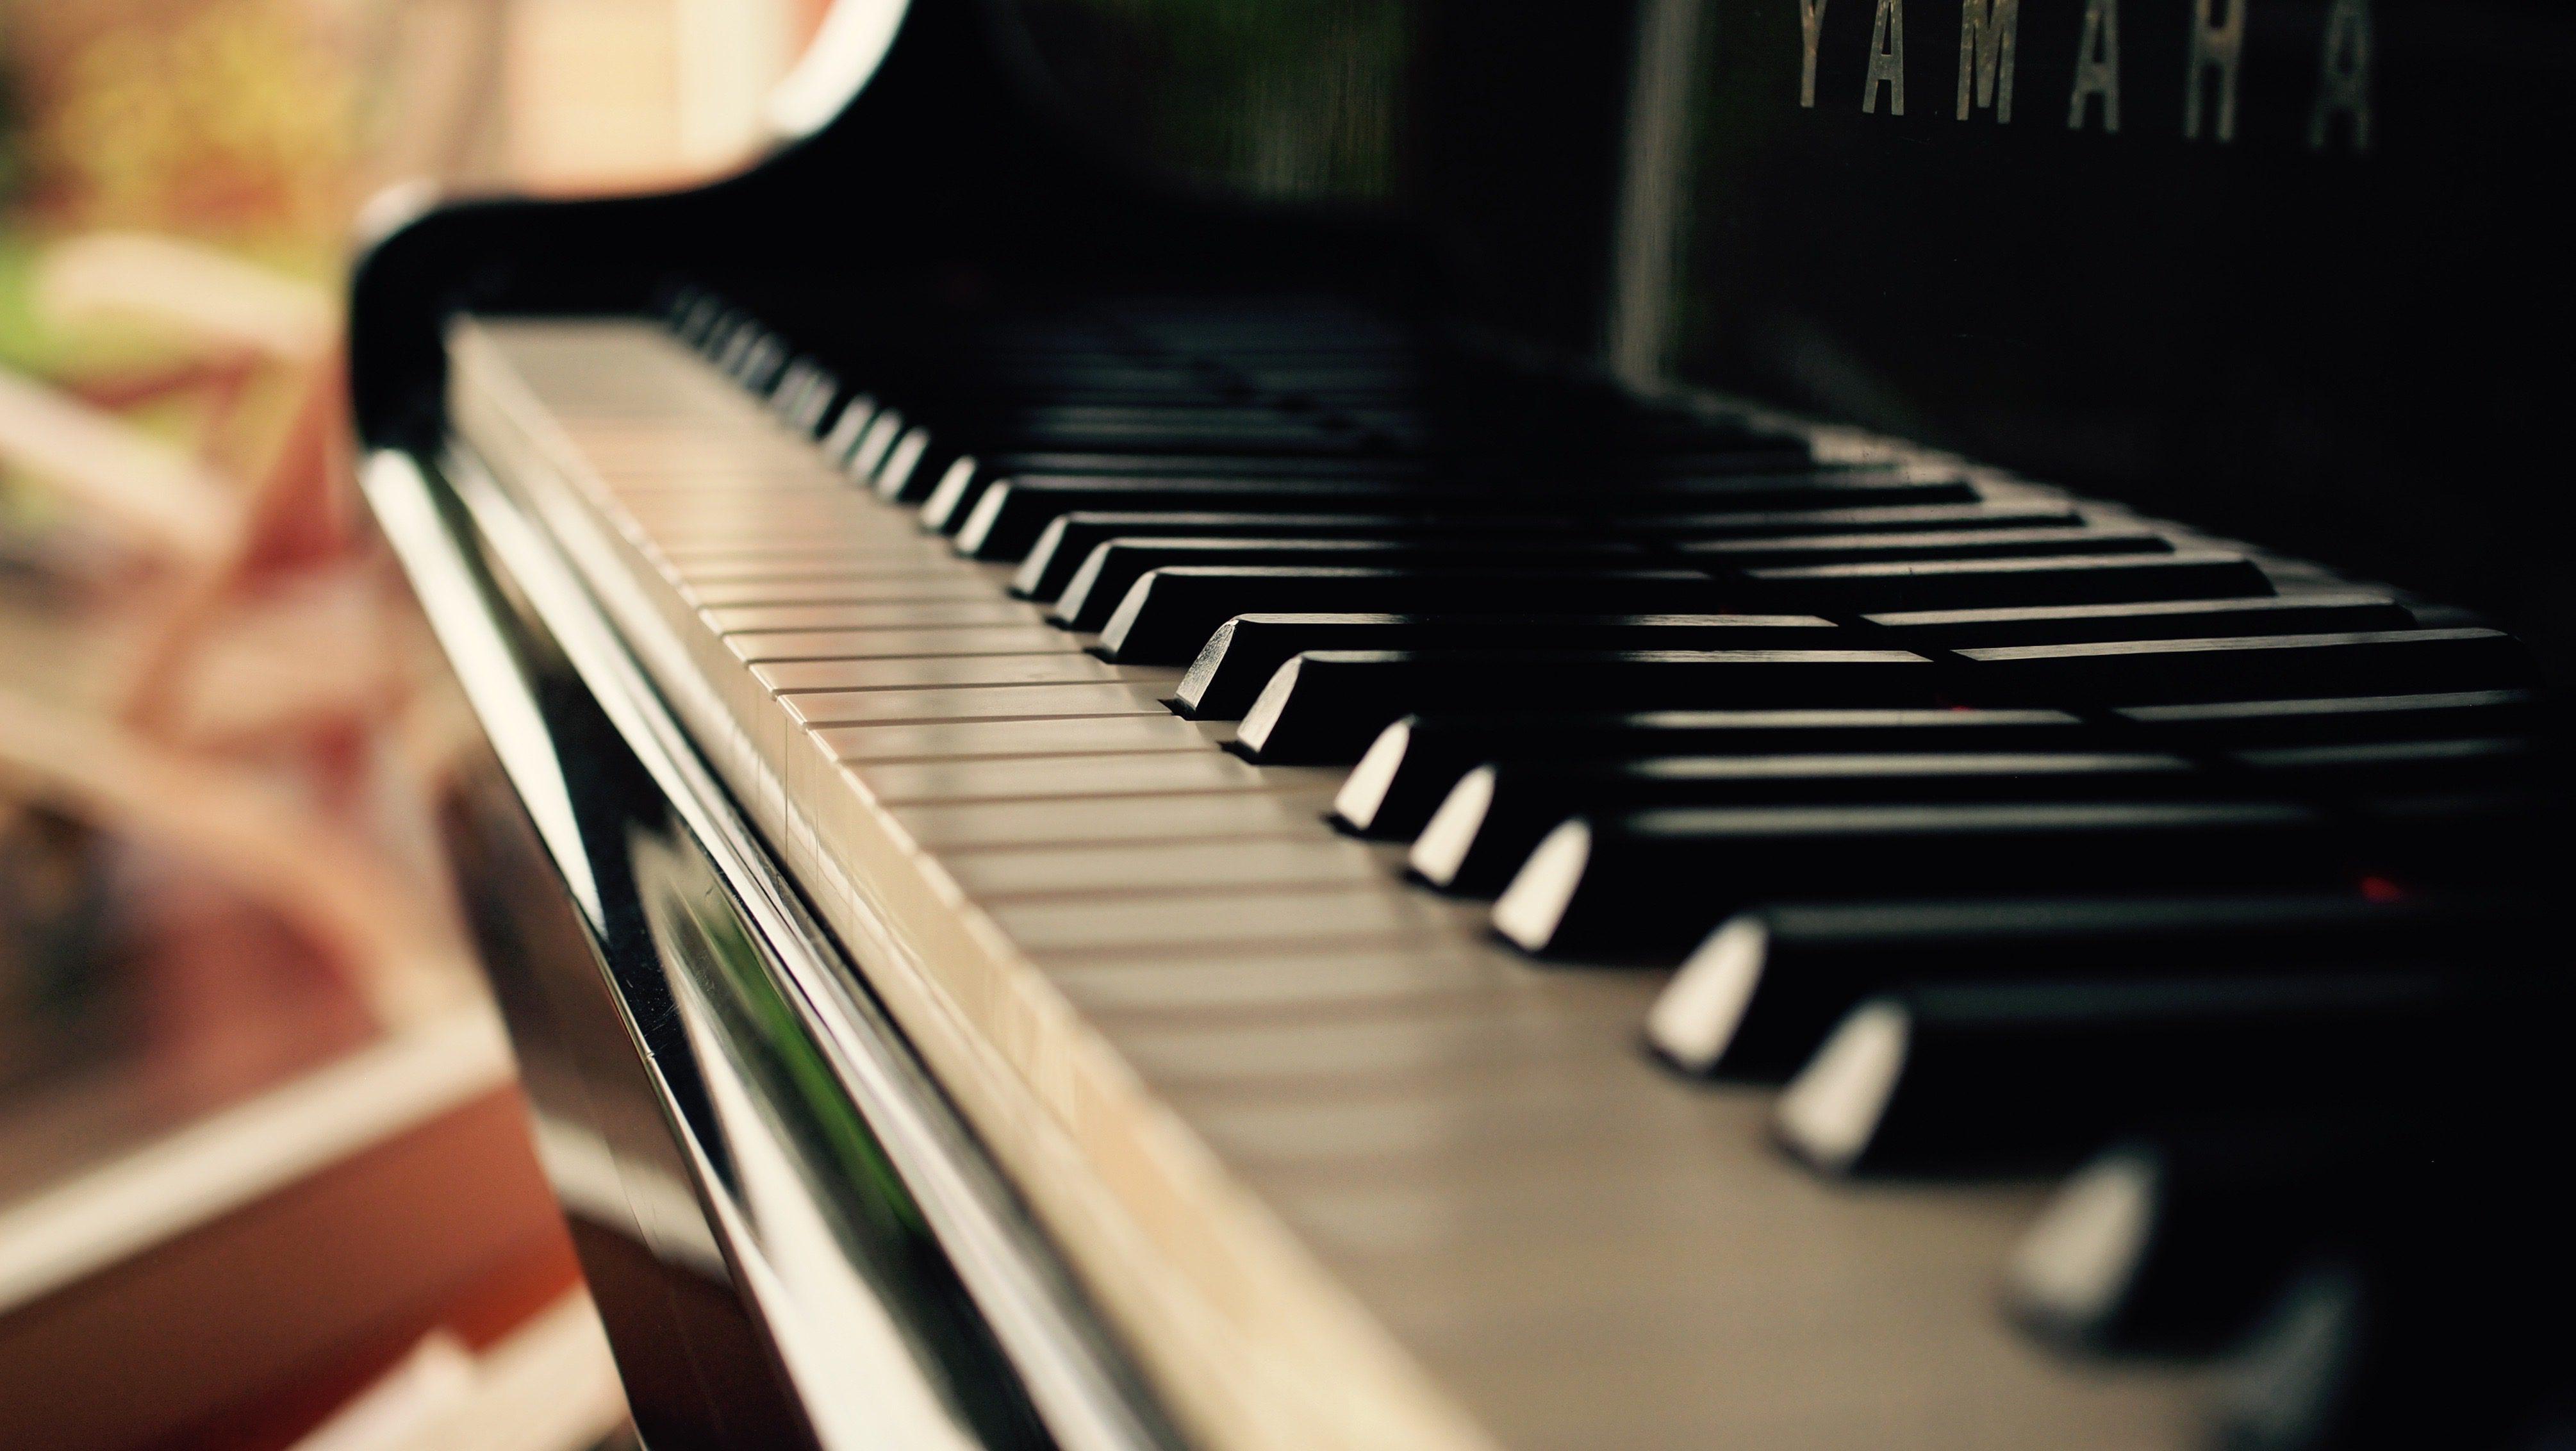 Yamaha S-400 E Grand Piano